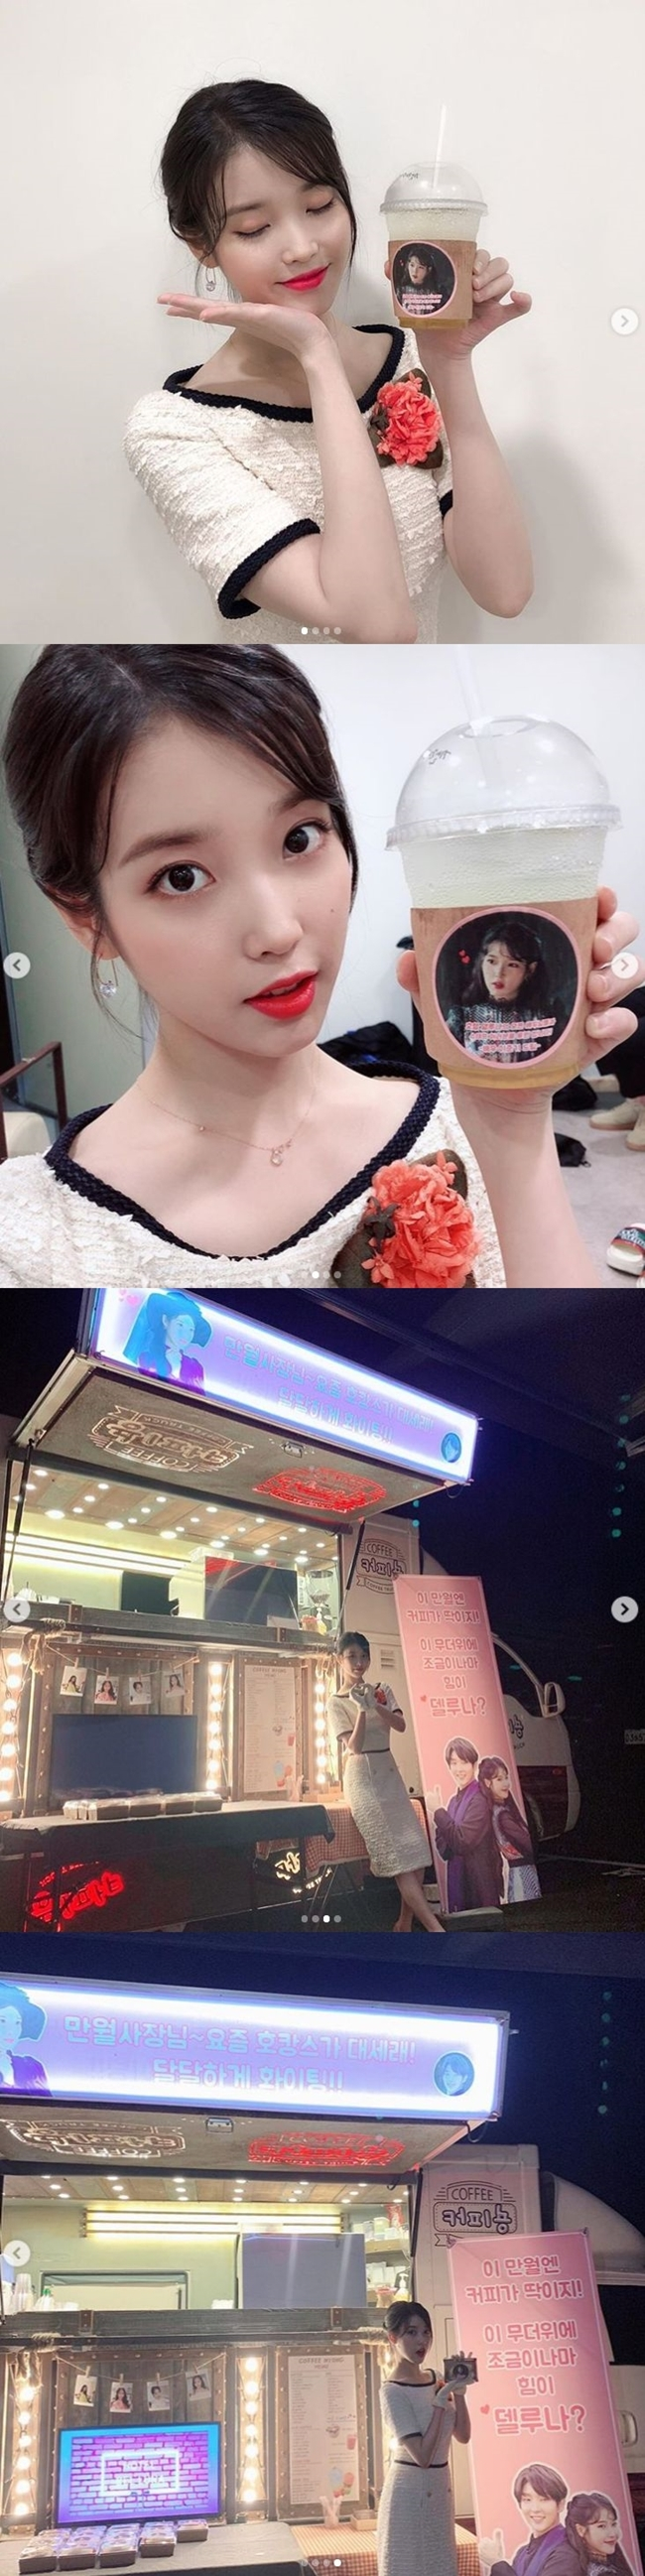 아이유, 이준기 커피차 선물 인증! 감동 ⓒ 아이유 인스타그램 / 갓잇코리아